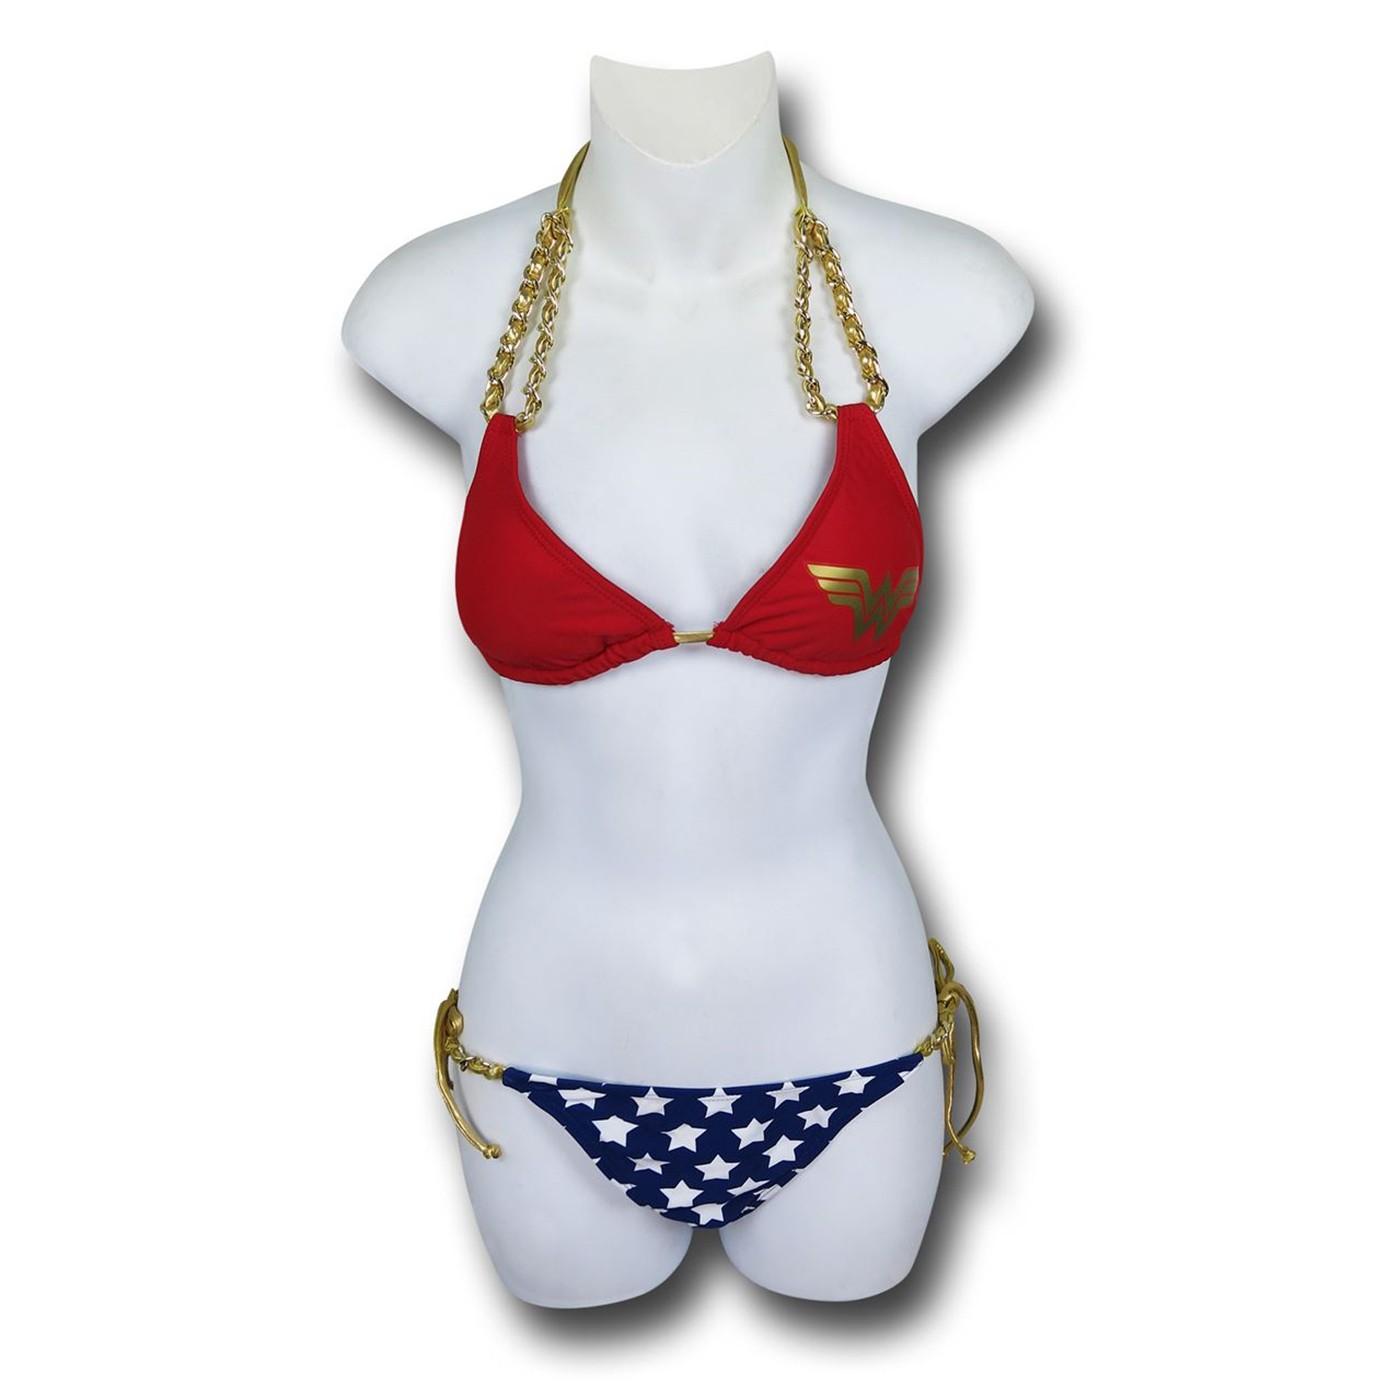 Wonder Woman Chain Triangle Bikini